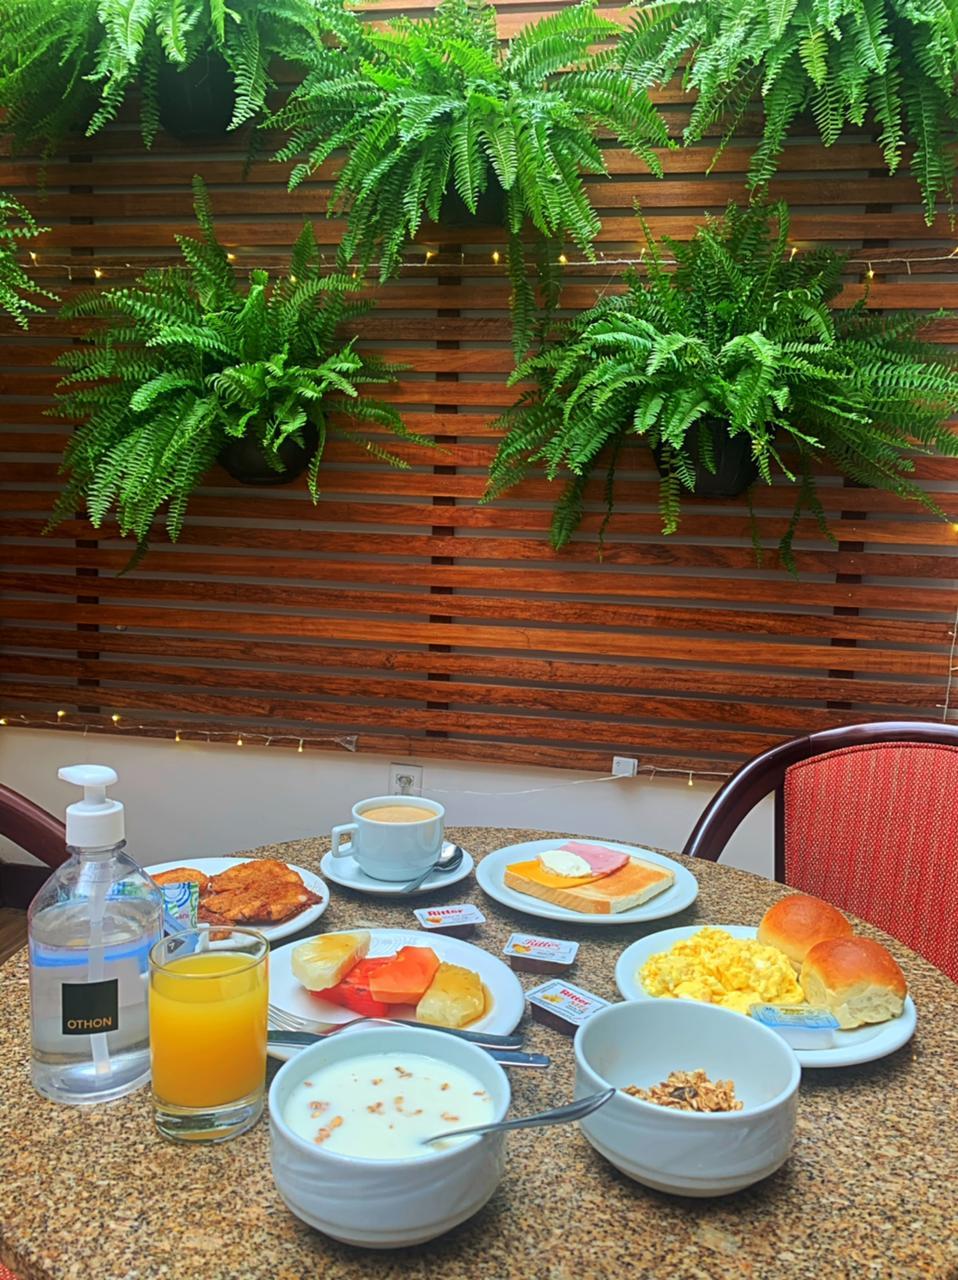 Othon Hoteis cafe